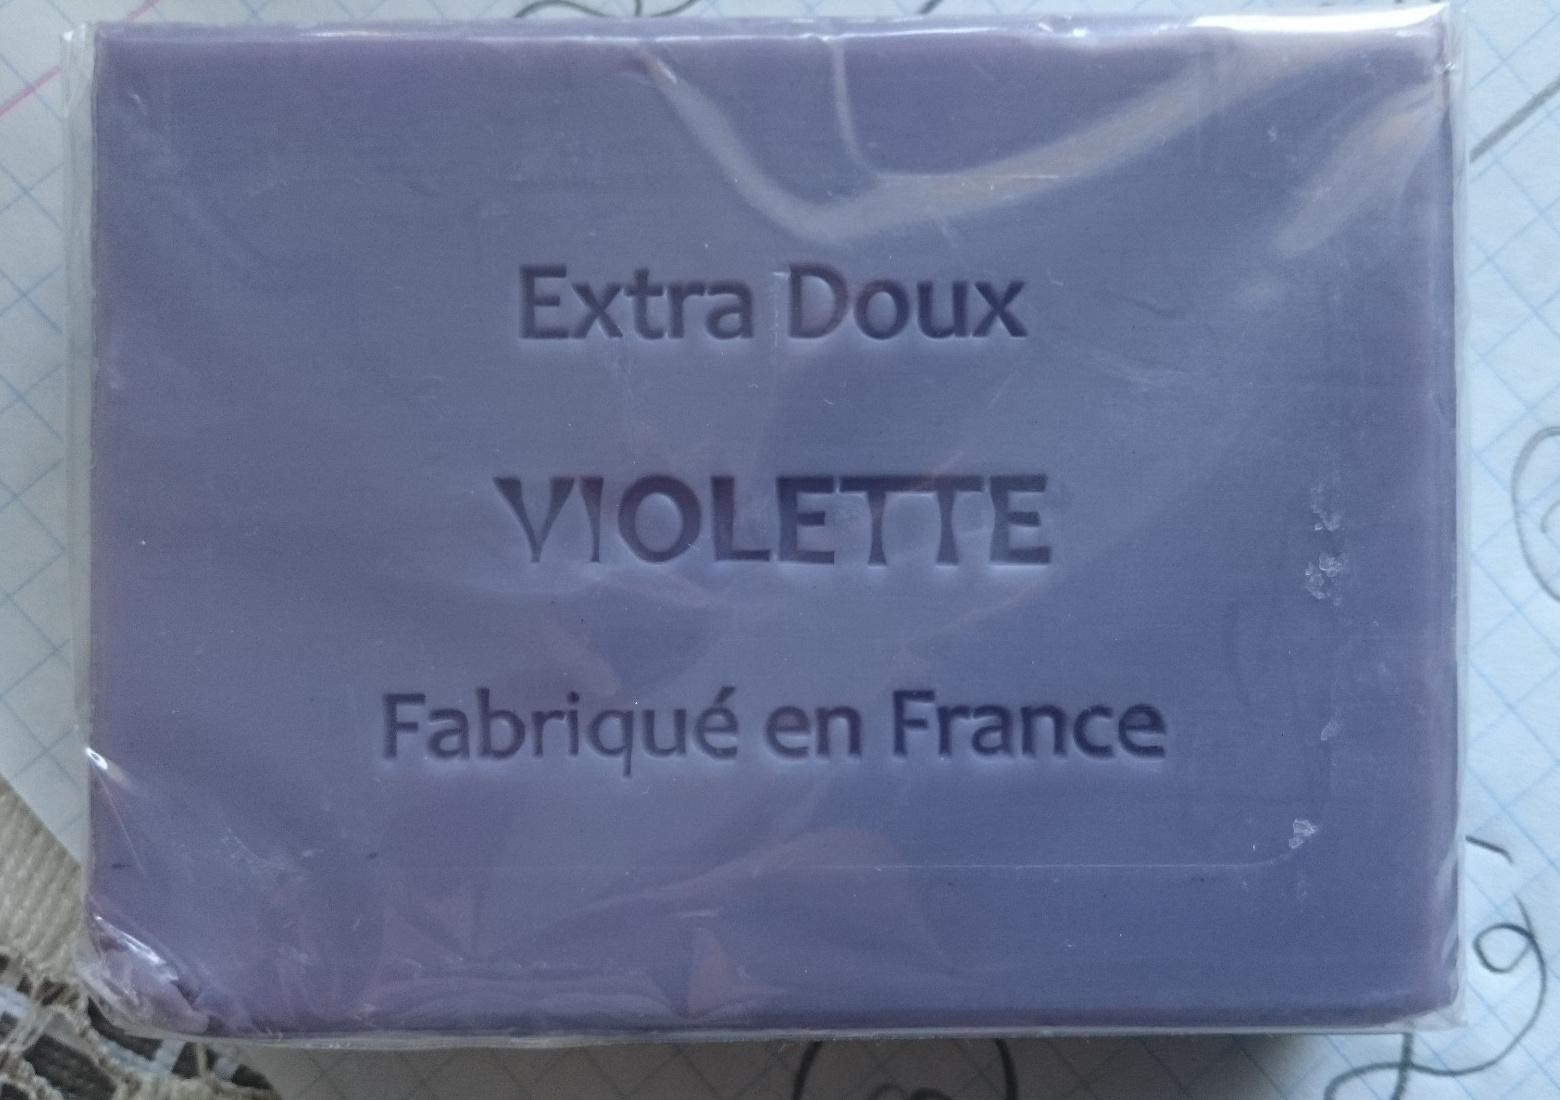 Savon Extra Doux Violette - Product